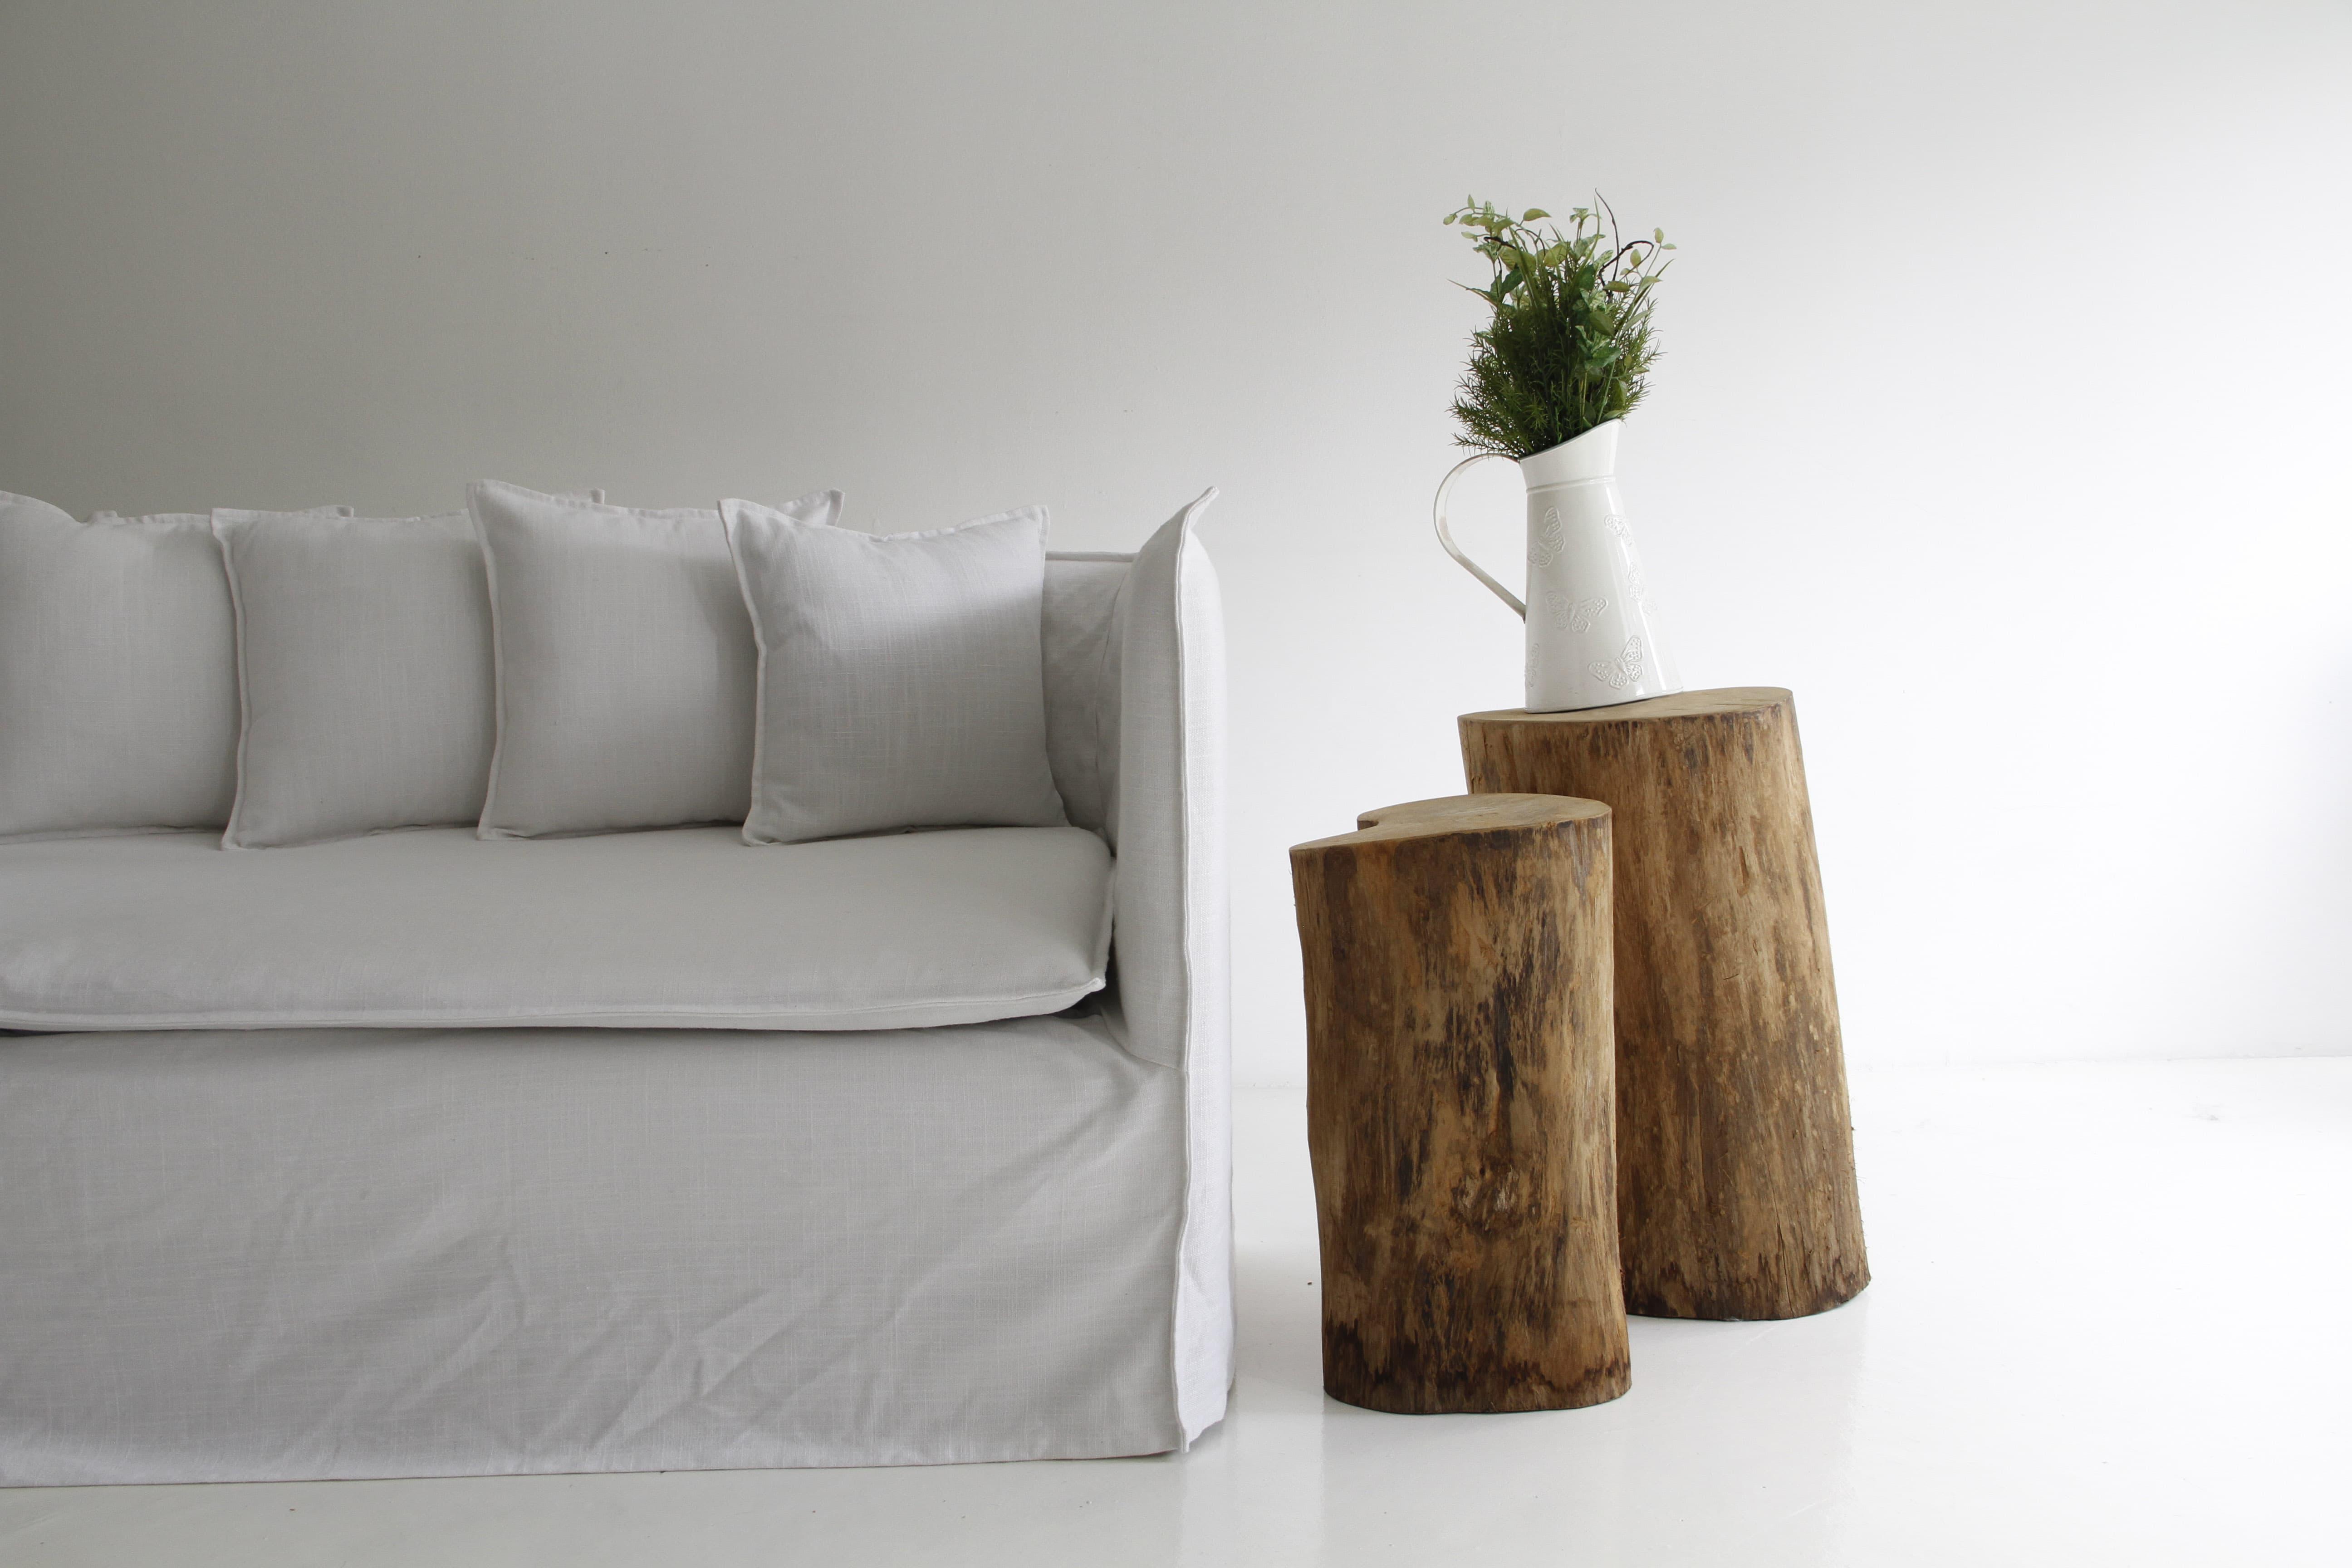 soderhamn ghost sofa covers hack